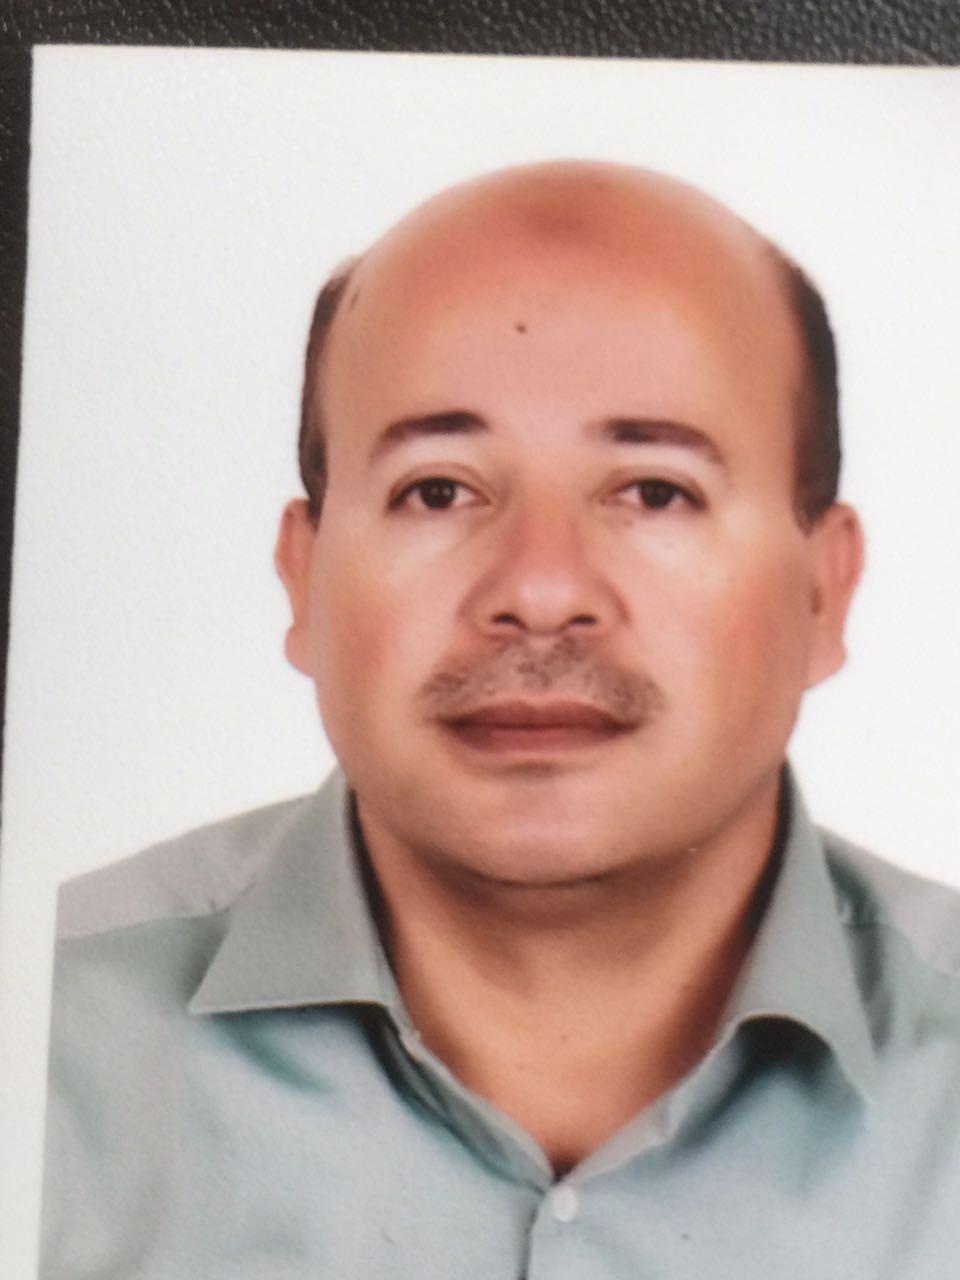 د. حمزة الشيخ حسين